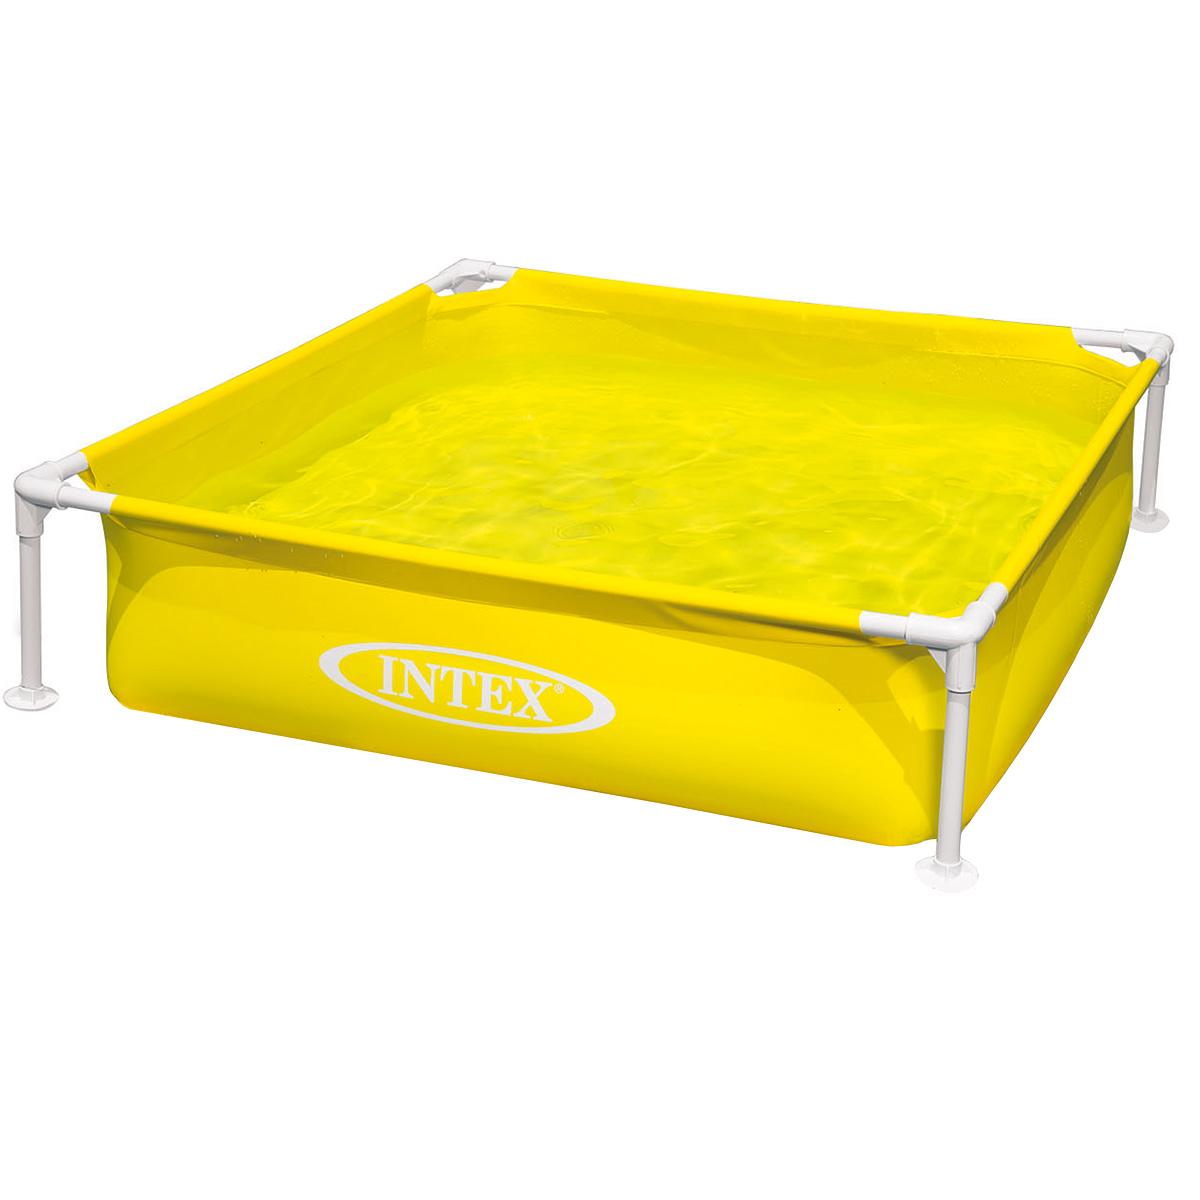 Бассейн надувной Intex, каркасный, цвет: желтый, 122 см х 30 смint57171NP_желтыйДетский каркасный бассейн Intex будет просто незаменим в летний жаркий день дома или на даче. Бассейн квадратной формы выполнен из прочного винила, дополнительную прочность обеспечивает стальной каркас. Такая конструкция позволяет бассейну выдерживать большие нагрузки при одновременном купании в нем нескольких детей. Дополнительную устойчивость бассейну придают четыре ножки. Яркий бассейн непременно станет для вас не только незаменимым атрибутом летнего отдыха, но и дополнением ландшафтного дизайна участка. В комплект с бассейном входит специальная заплатка для ремонта в случае прокола. Гарантия производителя: 30 дней.